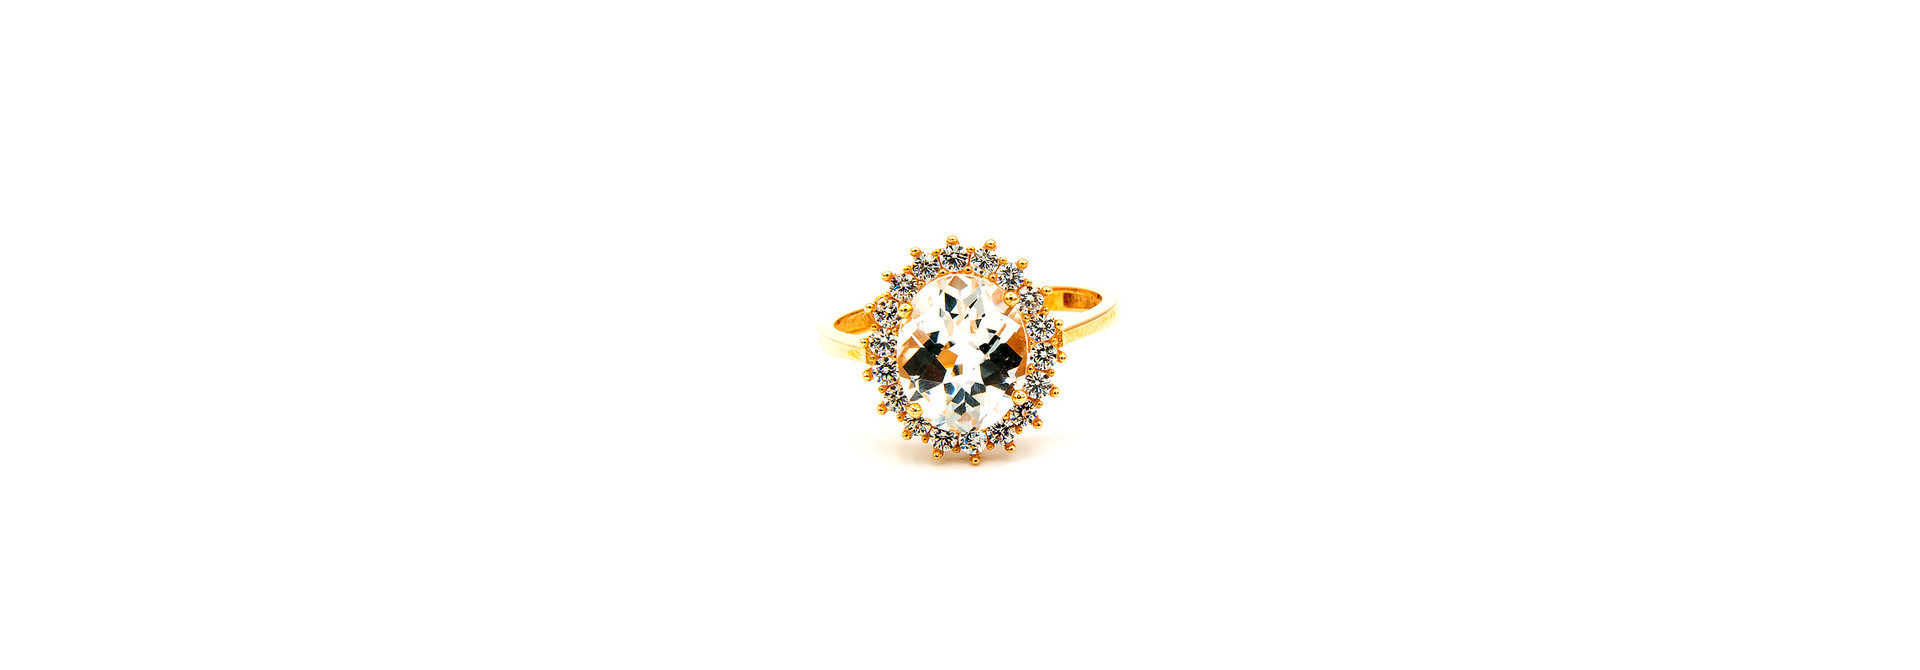 Ring solitair met rand van zirkonia's rondom